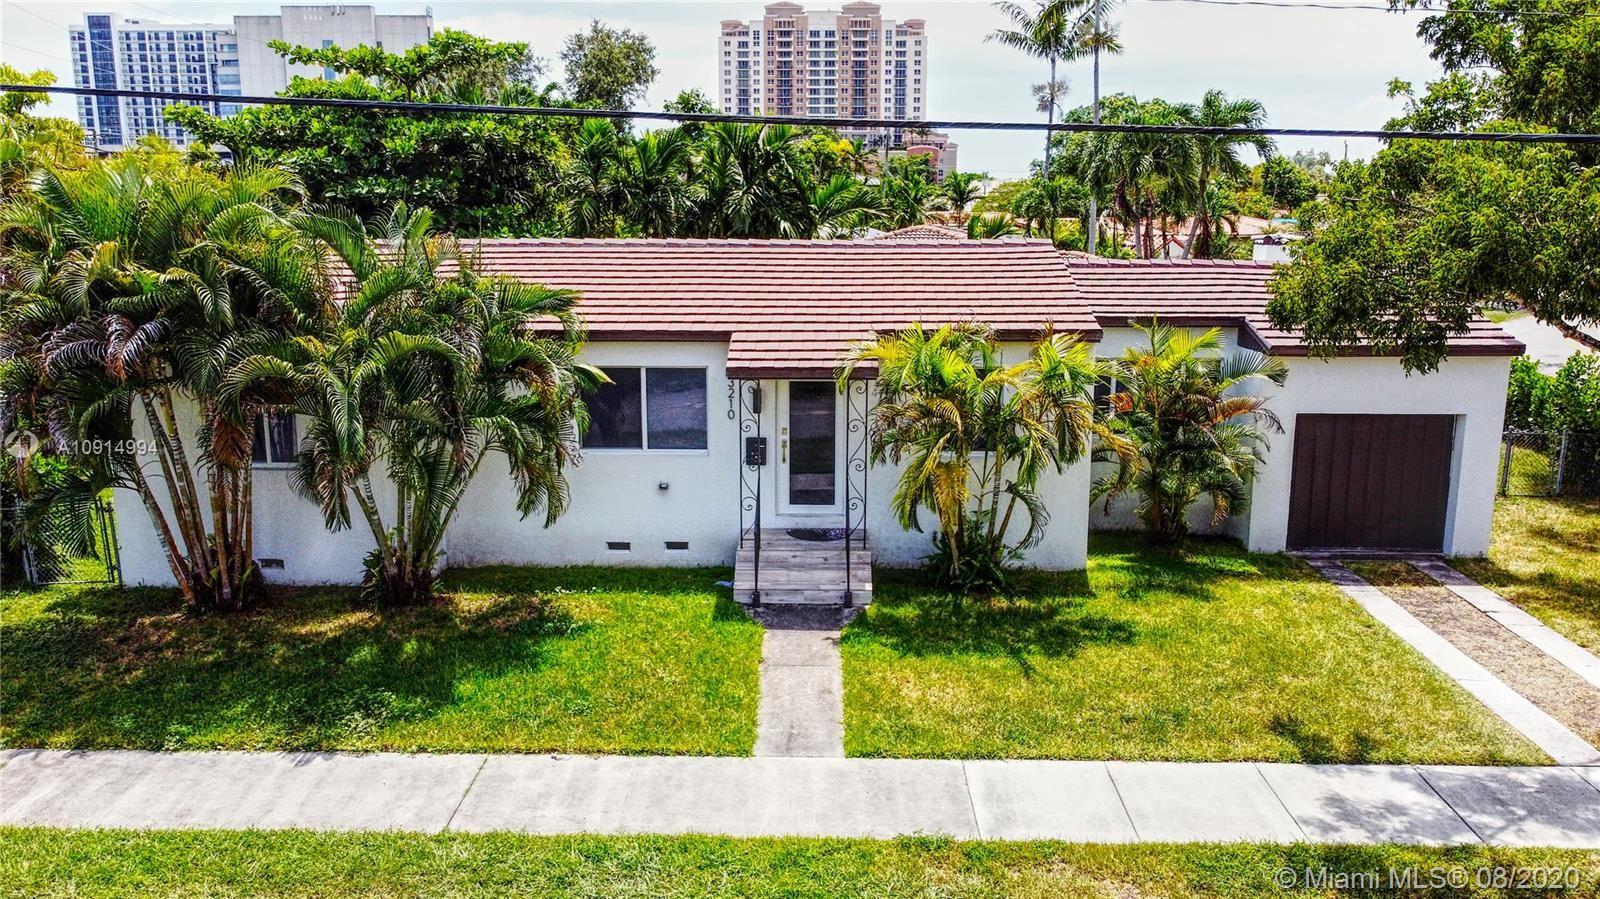 3210 SW 19th Ter, Miami, FL 33145 - #: A10914994